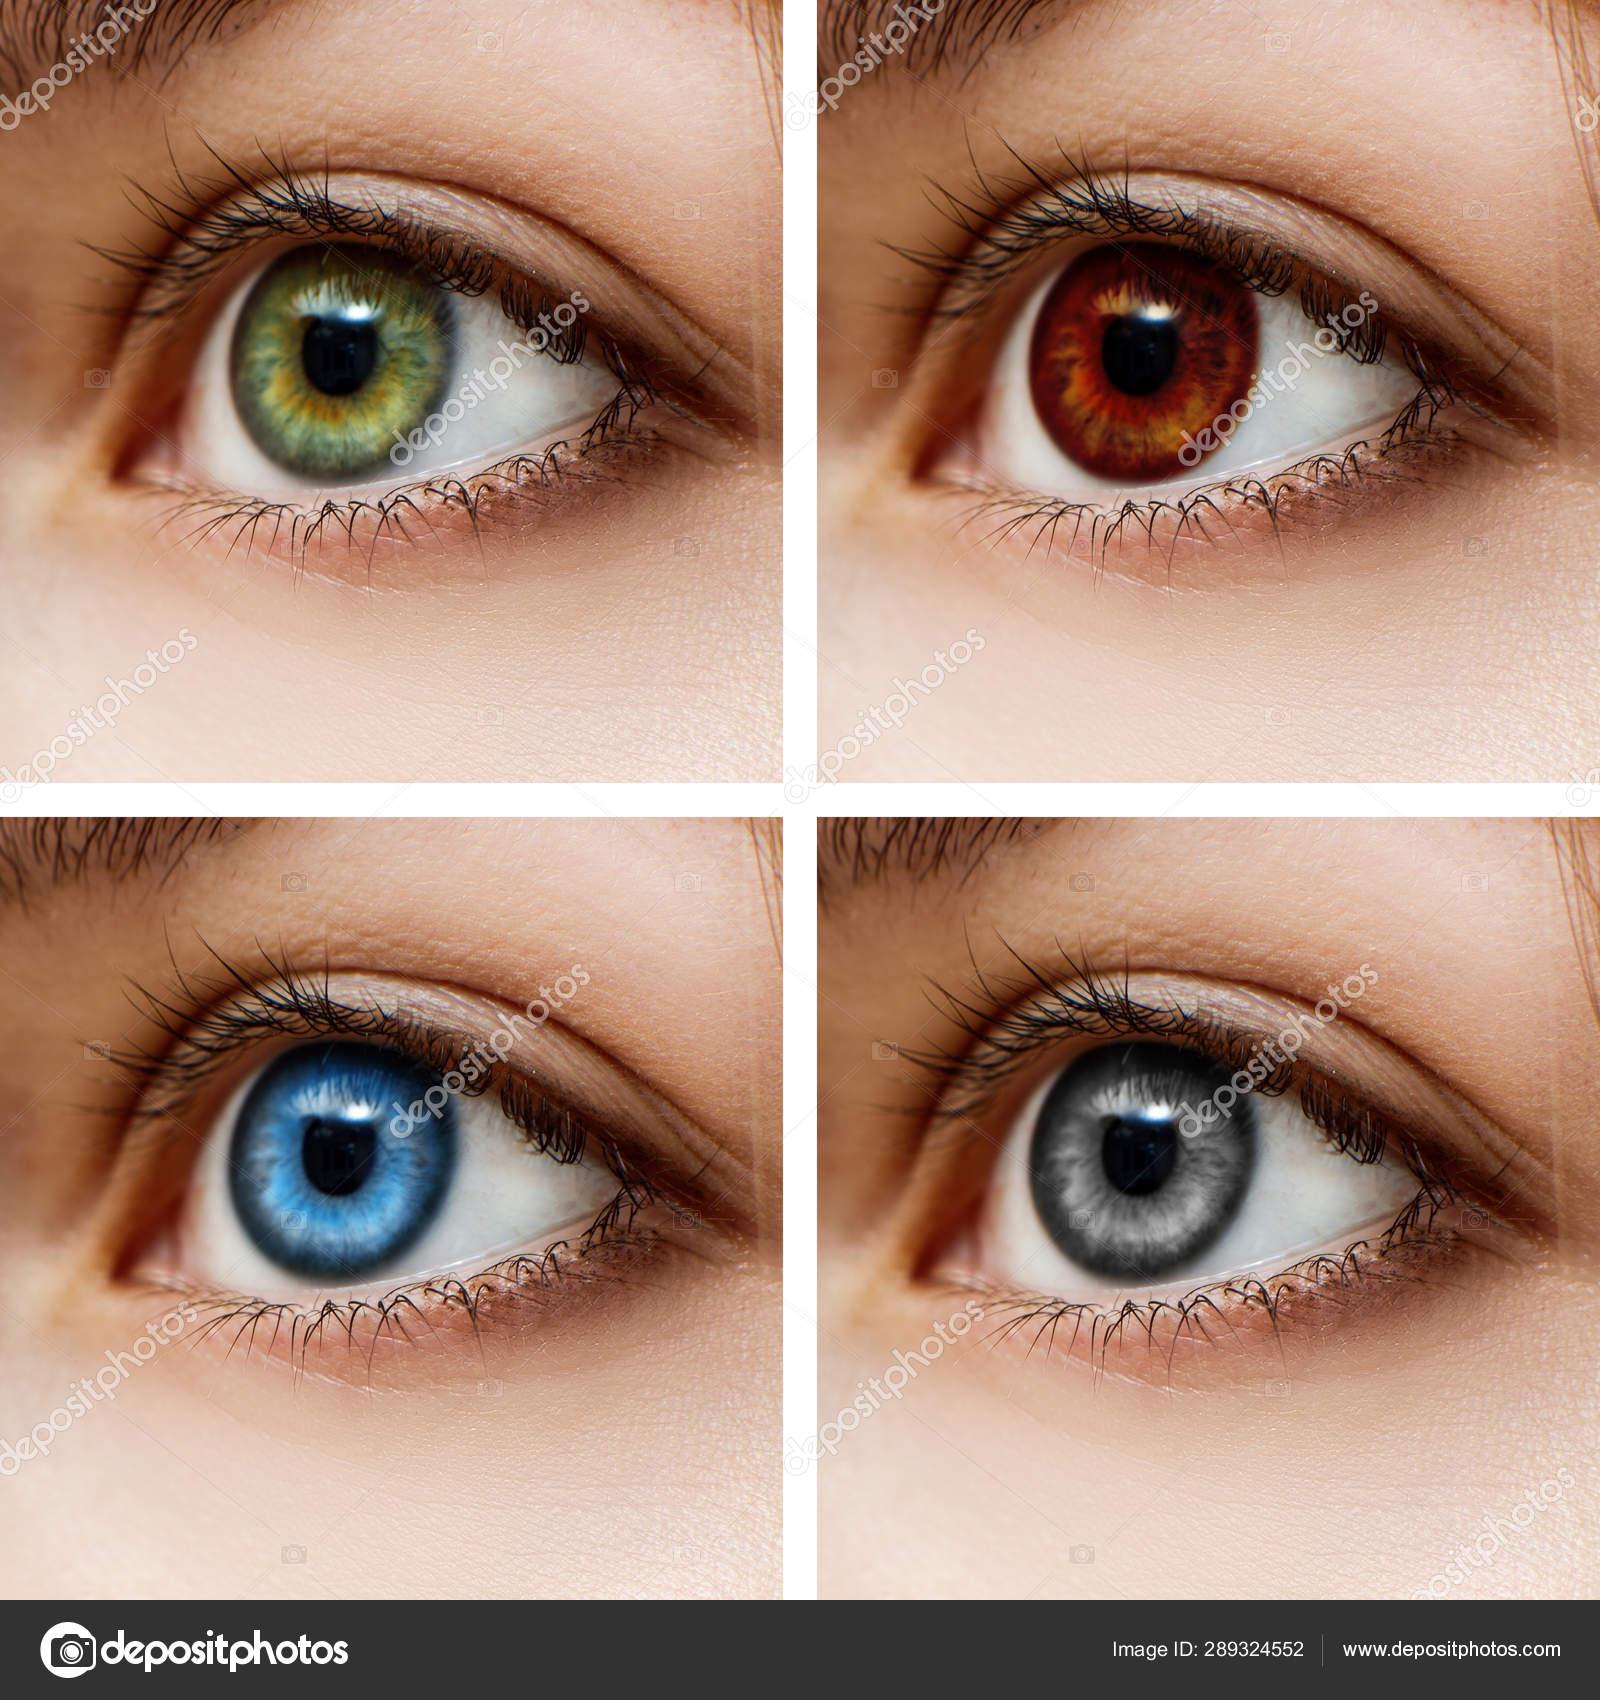 Цвет глаз. Предназначение